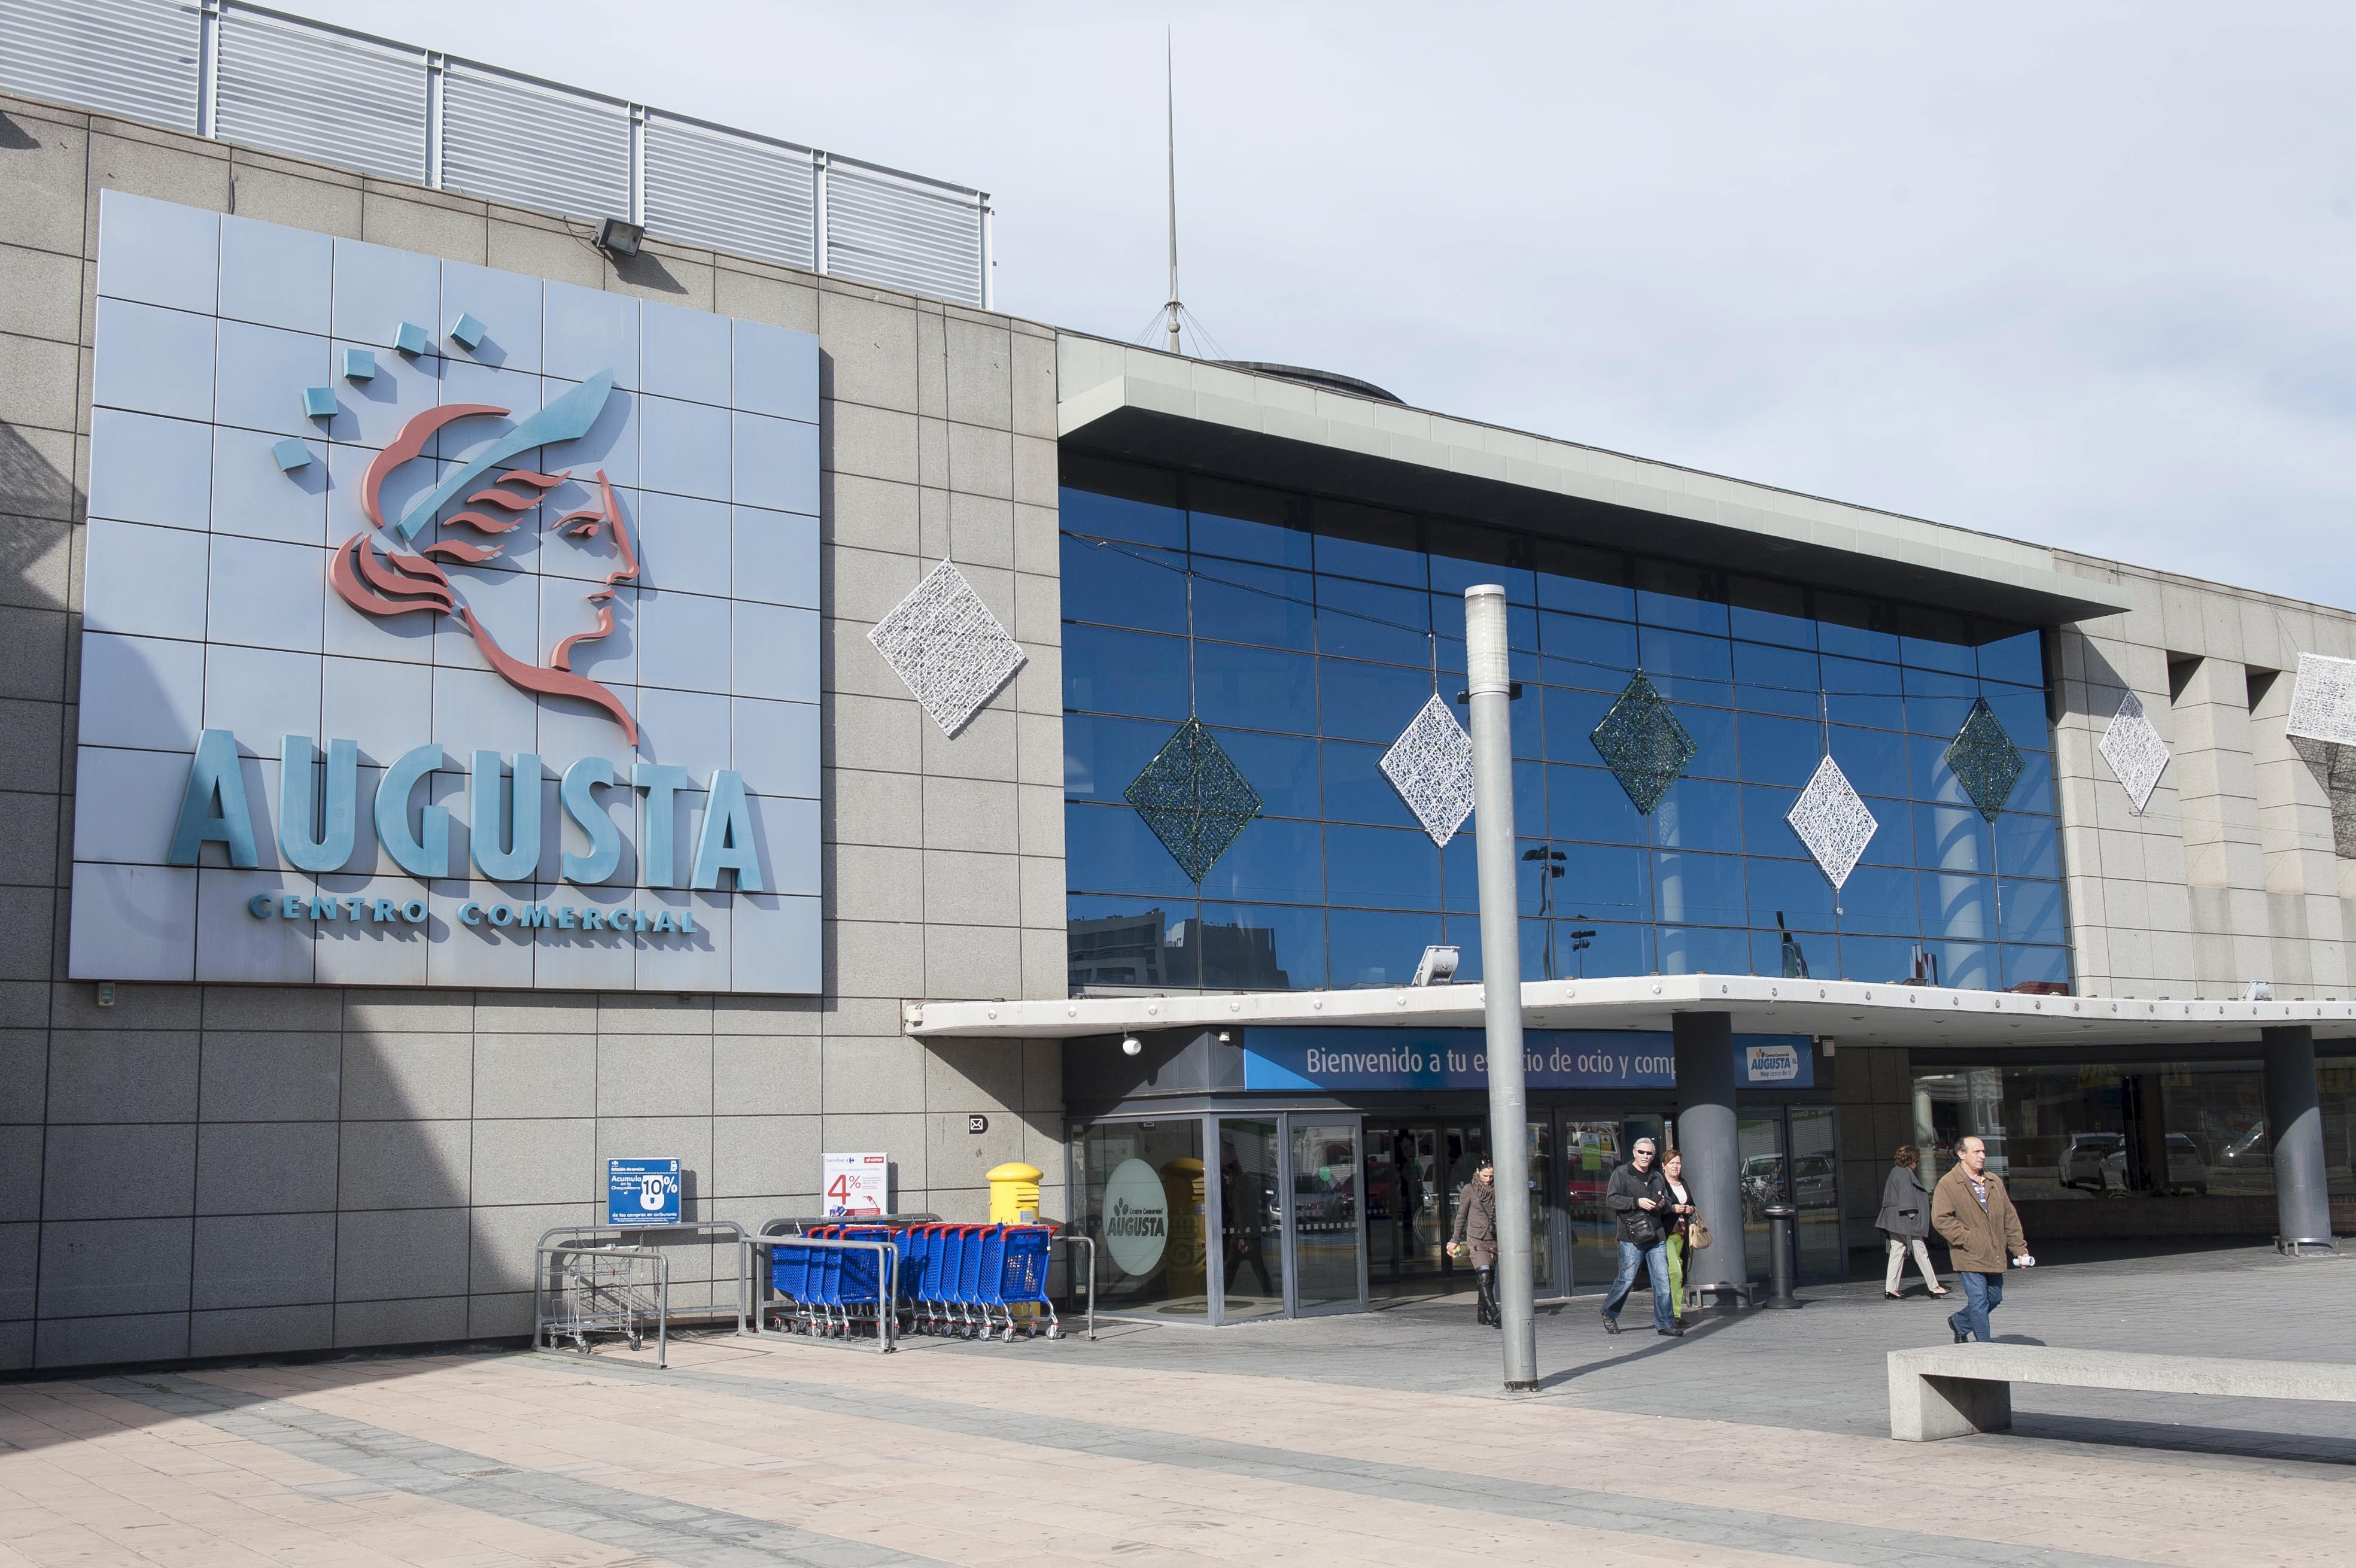 CIERRE DE LOCALES EN EL CENTRO COMERCIAL AUGUSTA / 13-11-2013 / FOTO: